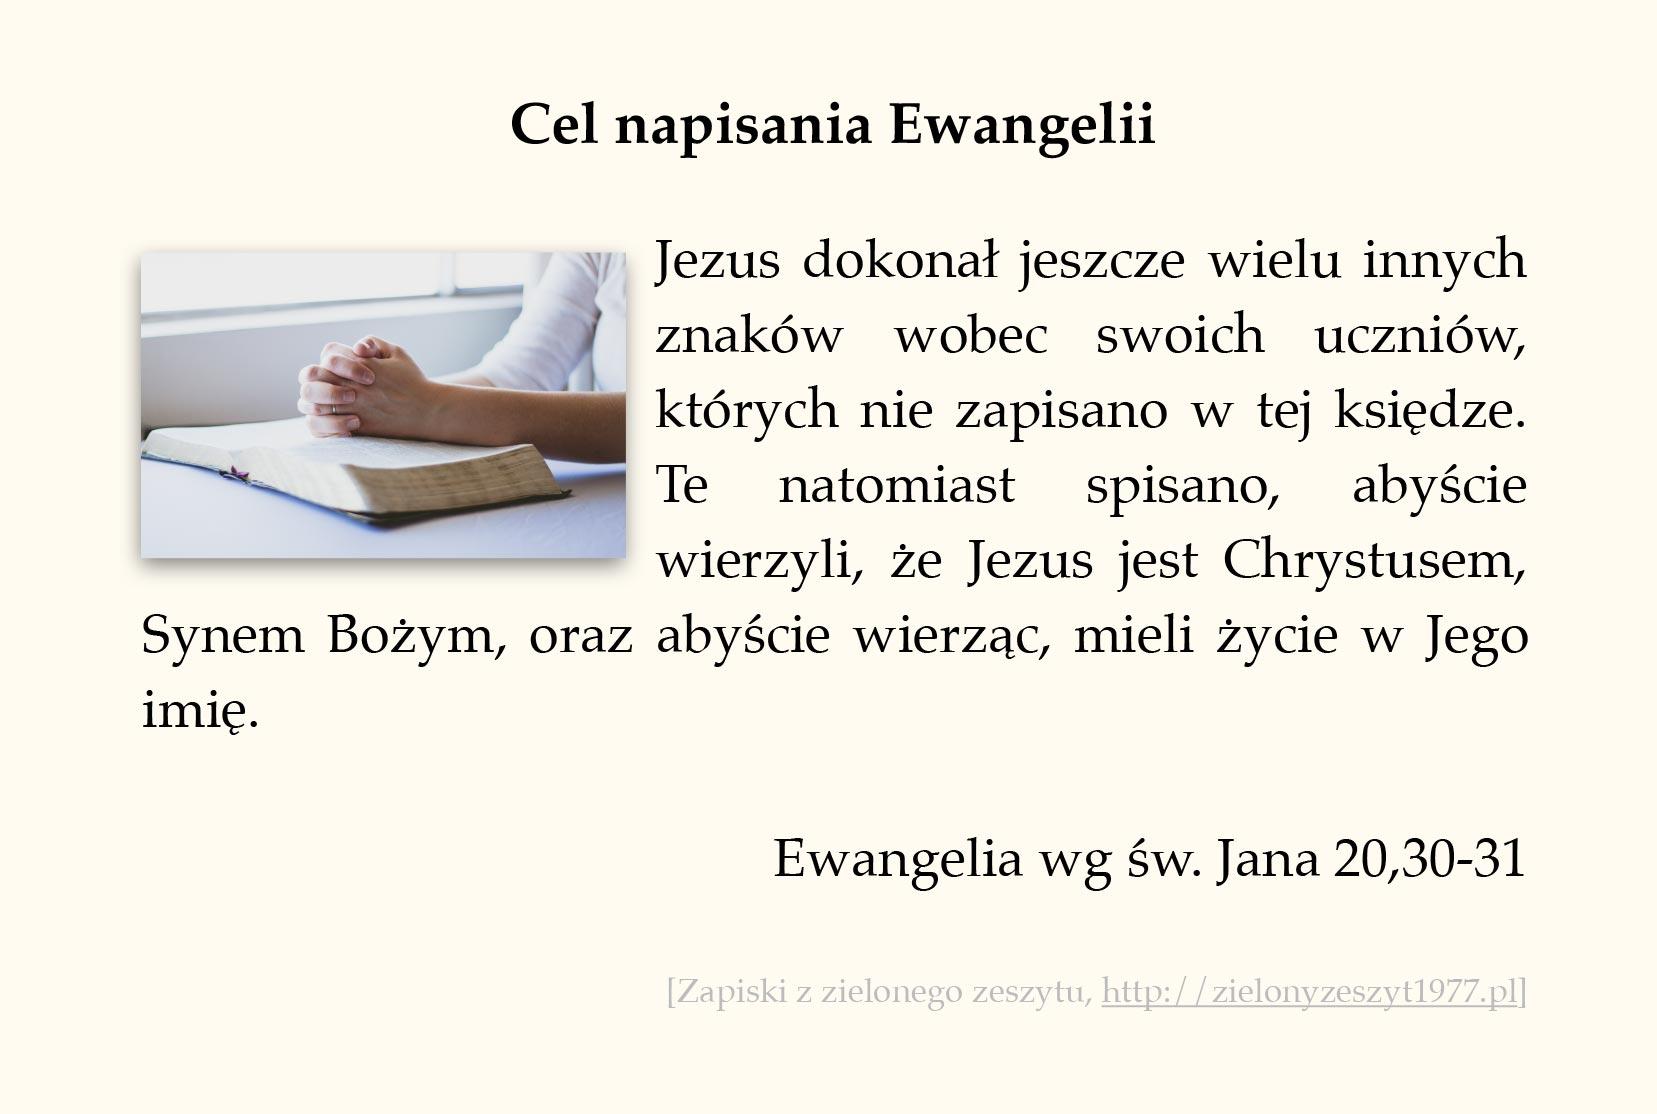 Cel napisania Ewangelii, Ewangelia wg św. Jana (#102)